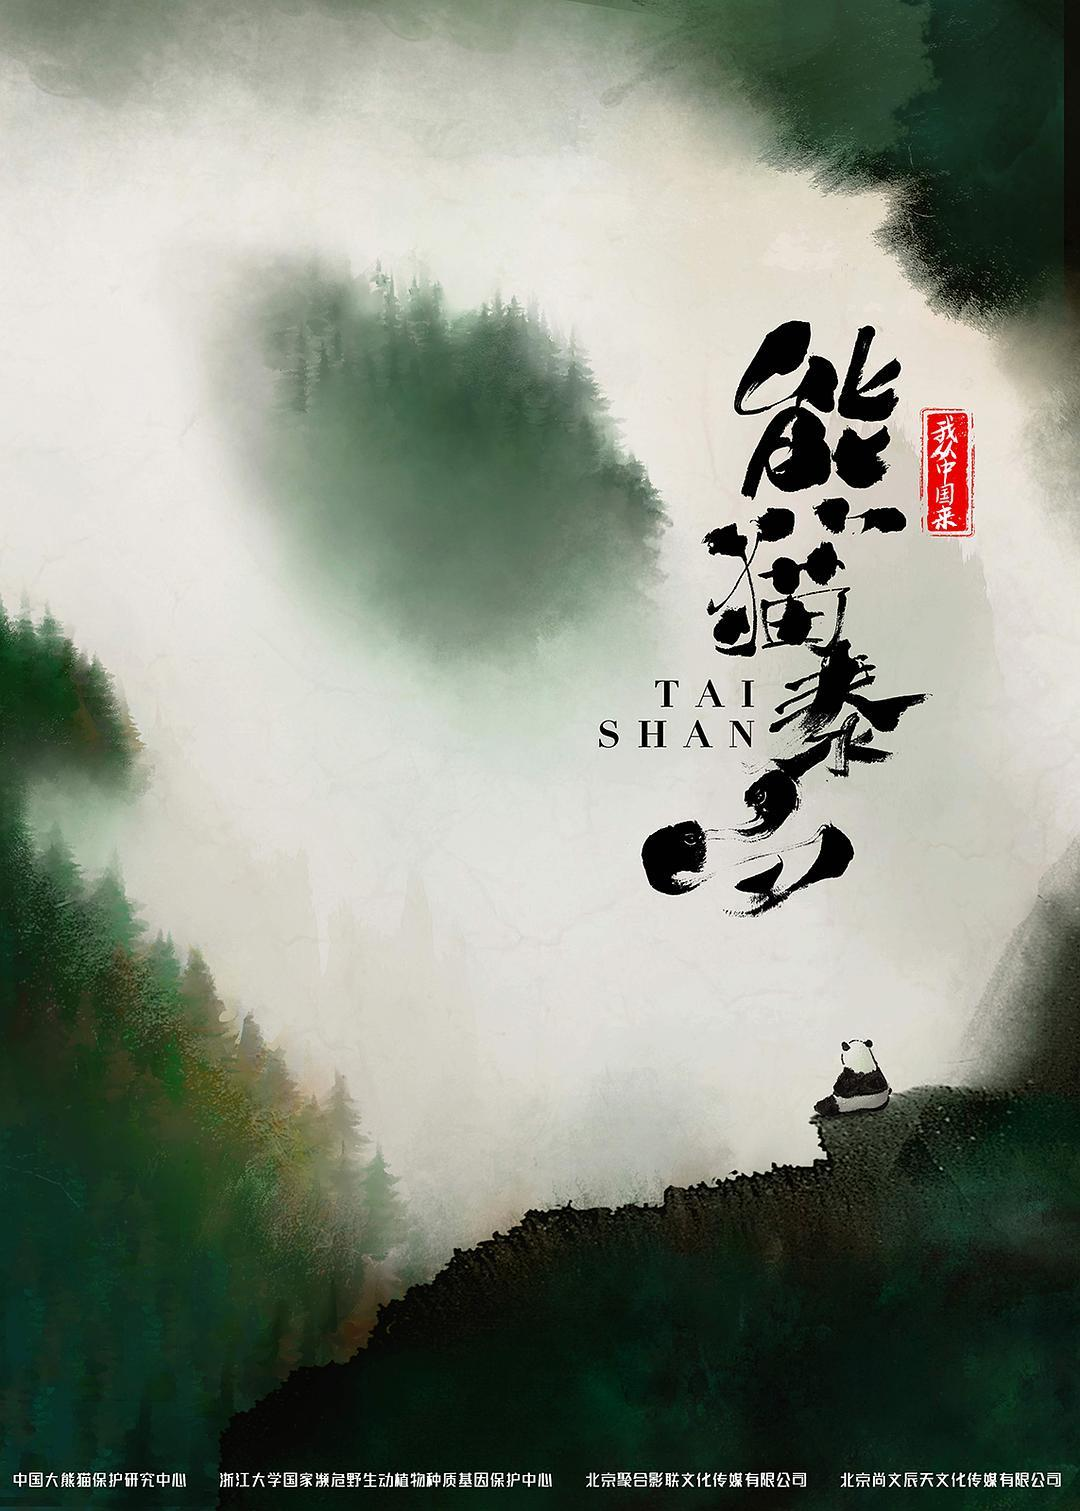 我从中国来之熊猫泰山